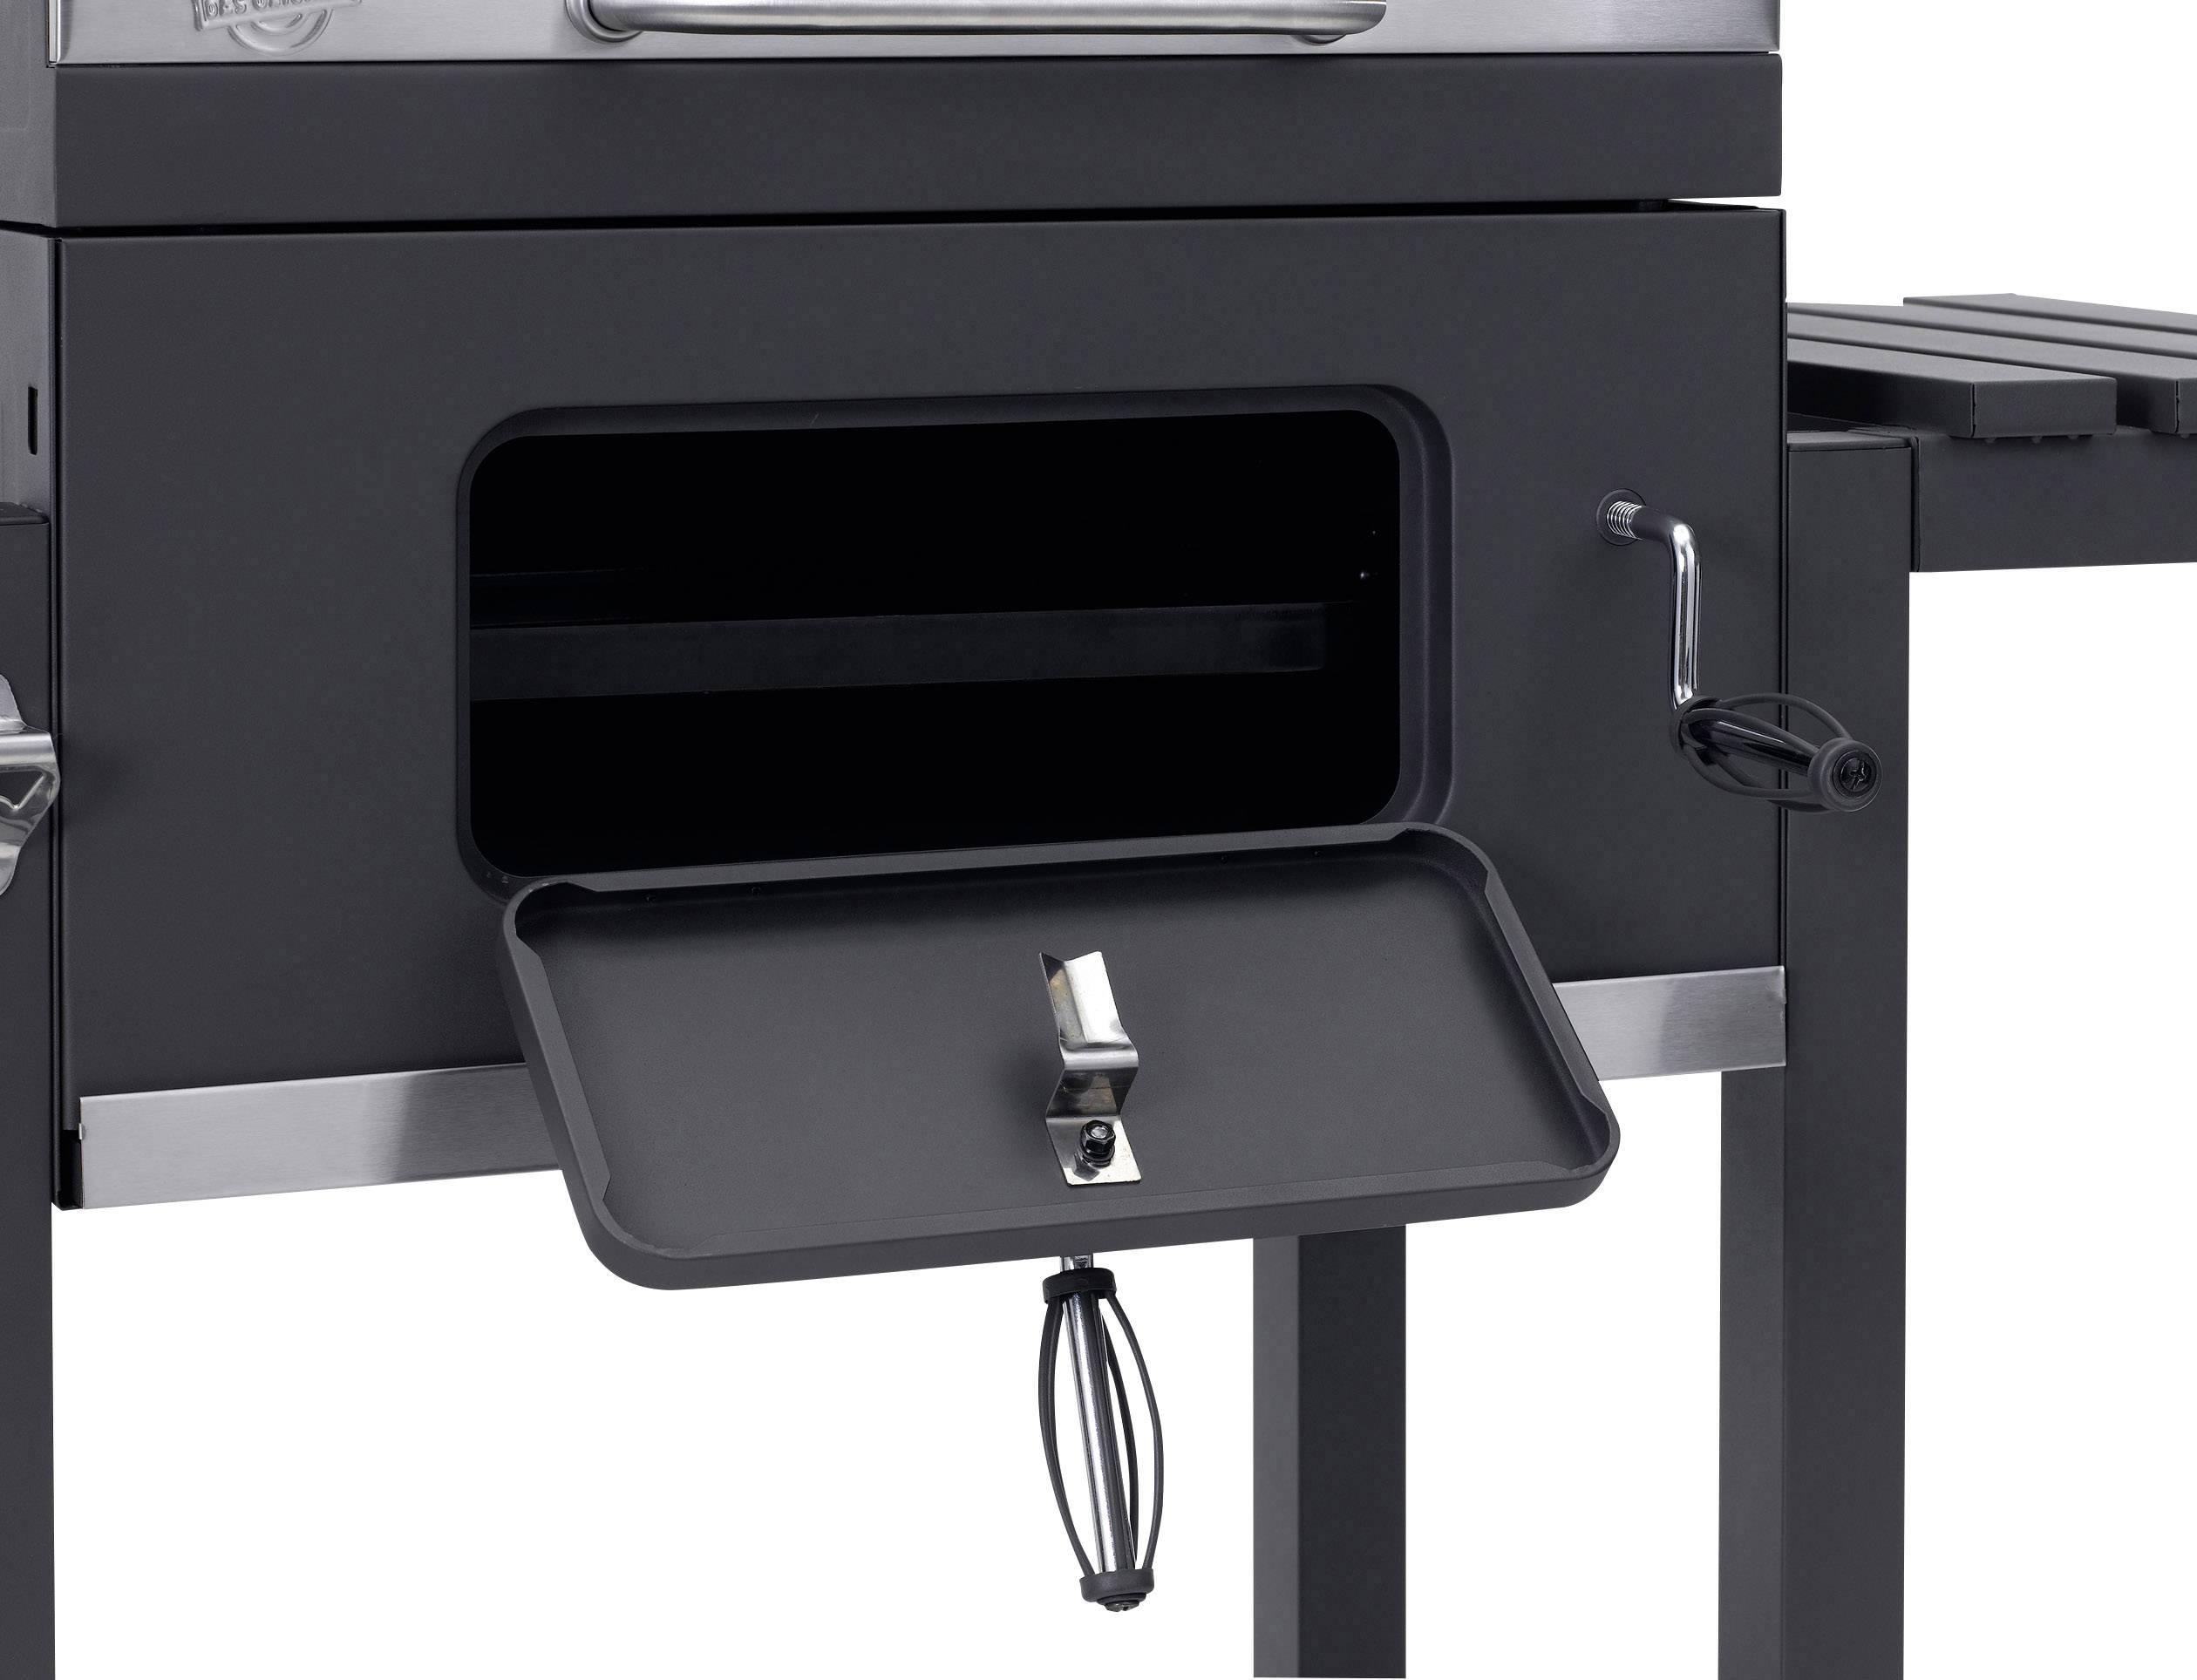 Tepro Toronto Holzkohlegrill Abdeckung : Ticent bbq grillabdeckung grill abdeckhaube schutzhuelle haube